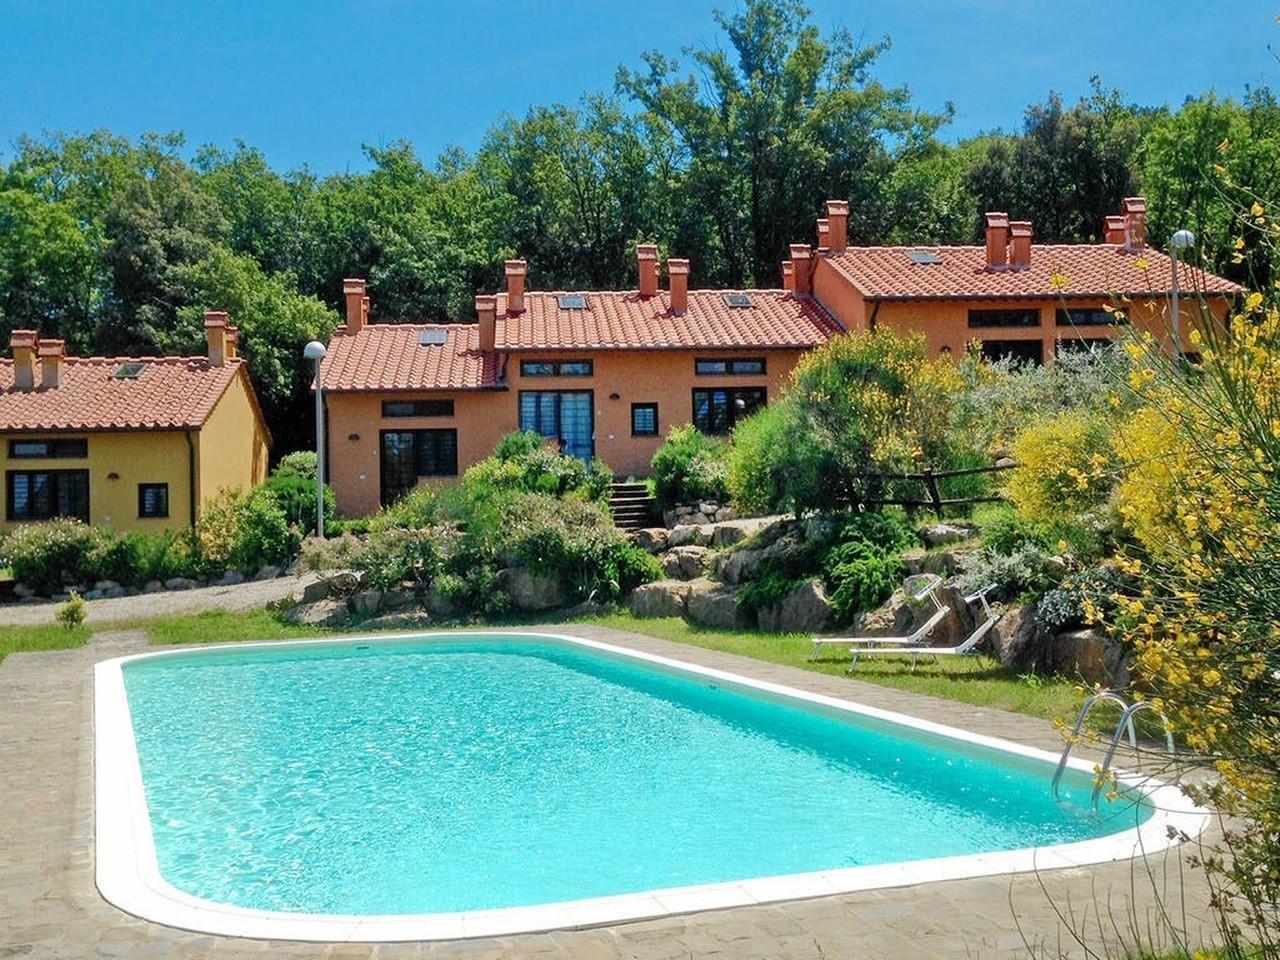 Appartamento in vendita a San Gimignano, 3 locali, prezzo € 158.000 | PortaleAgenzieImmobiliari.it